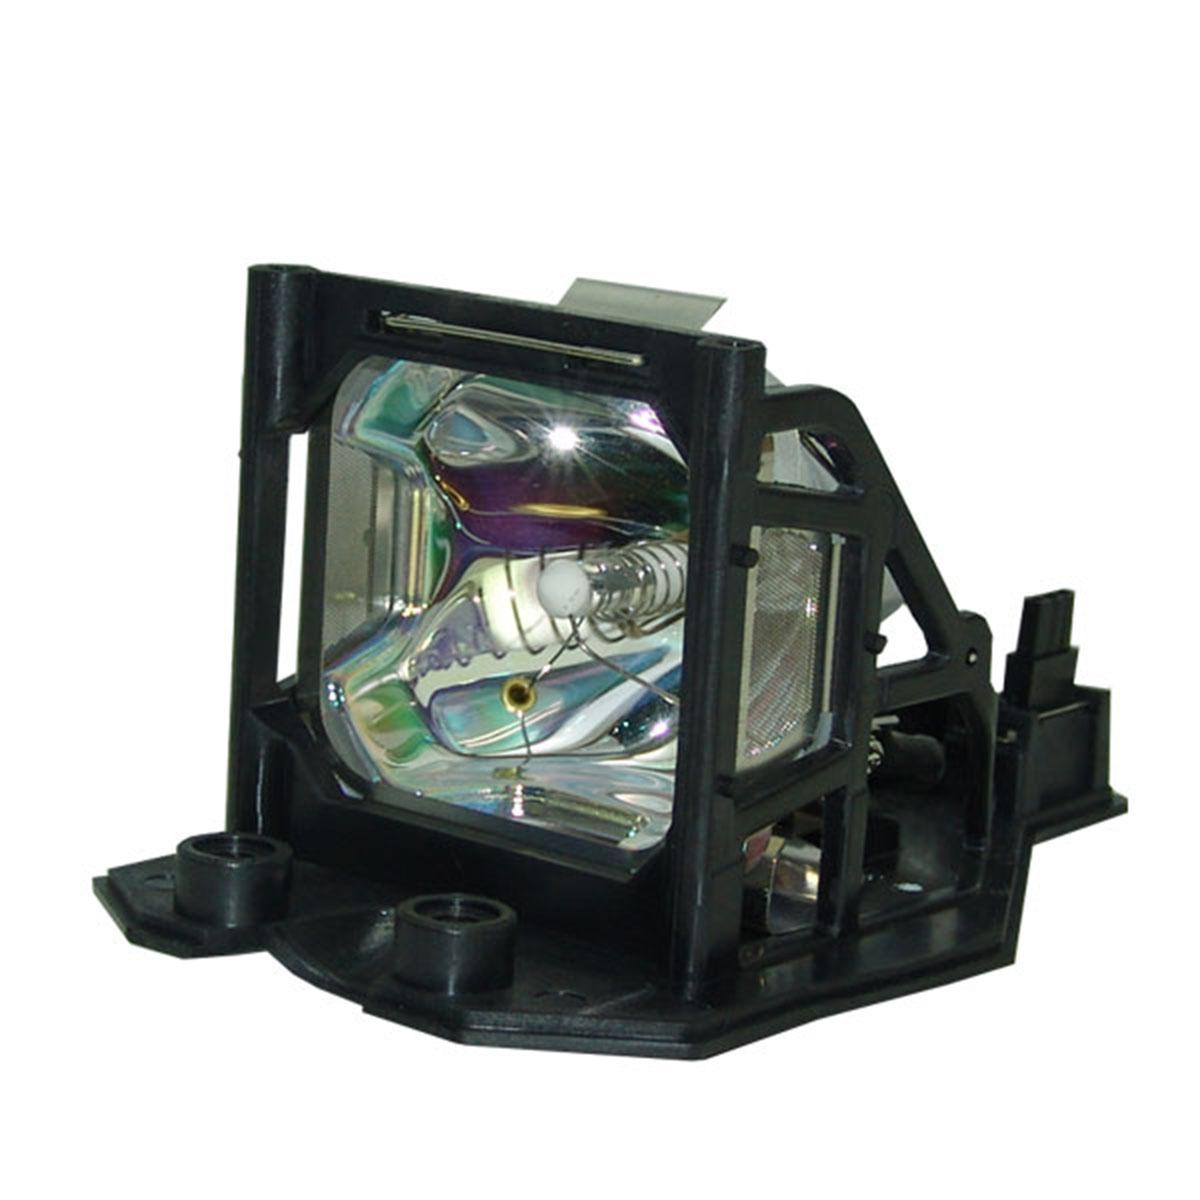 Infocus SP-LAMP-007 FP Lamp